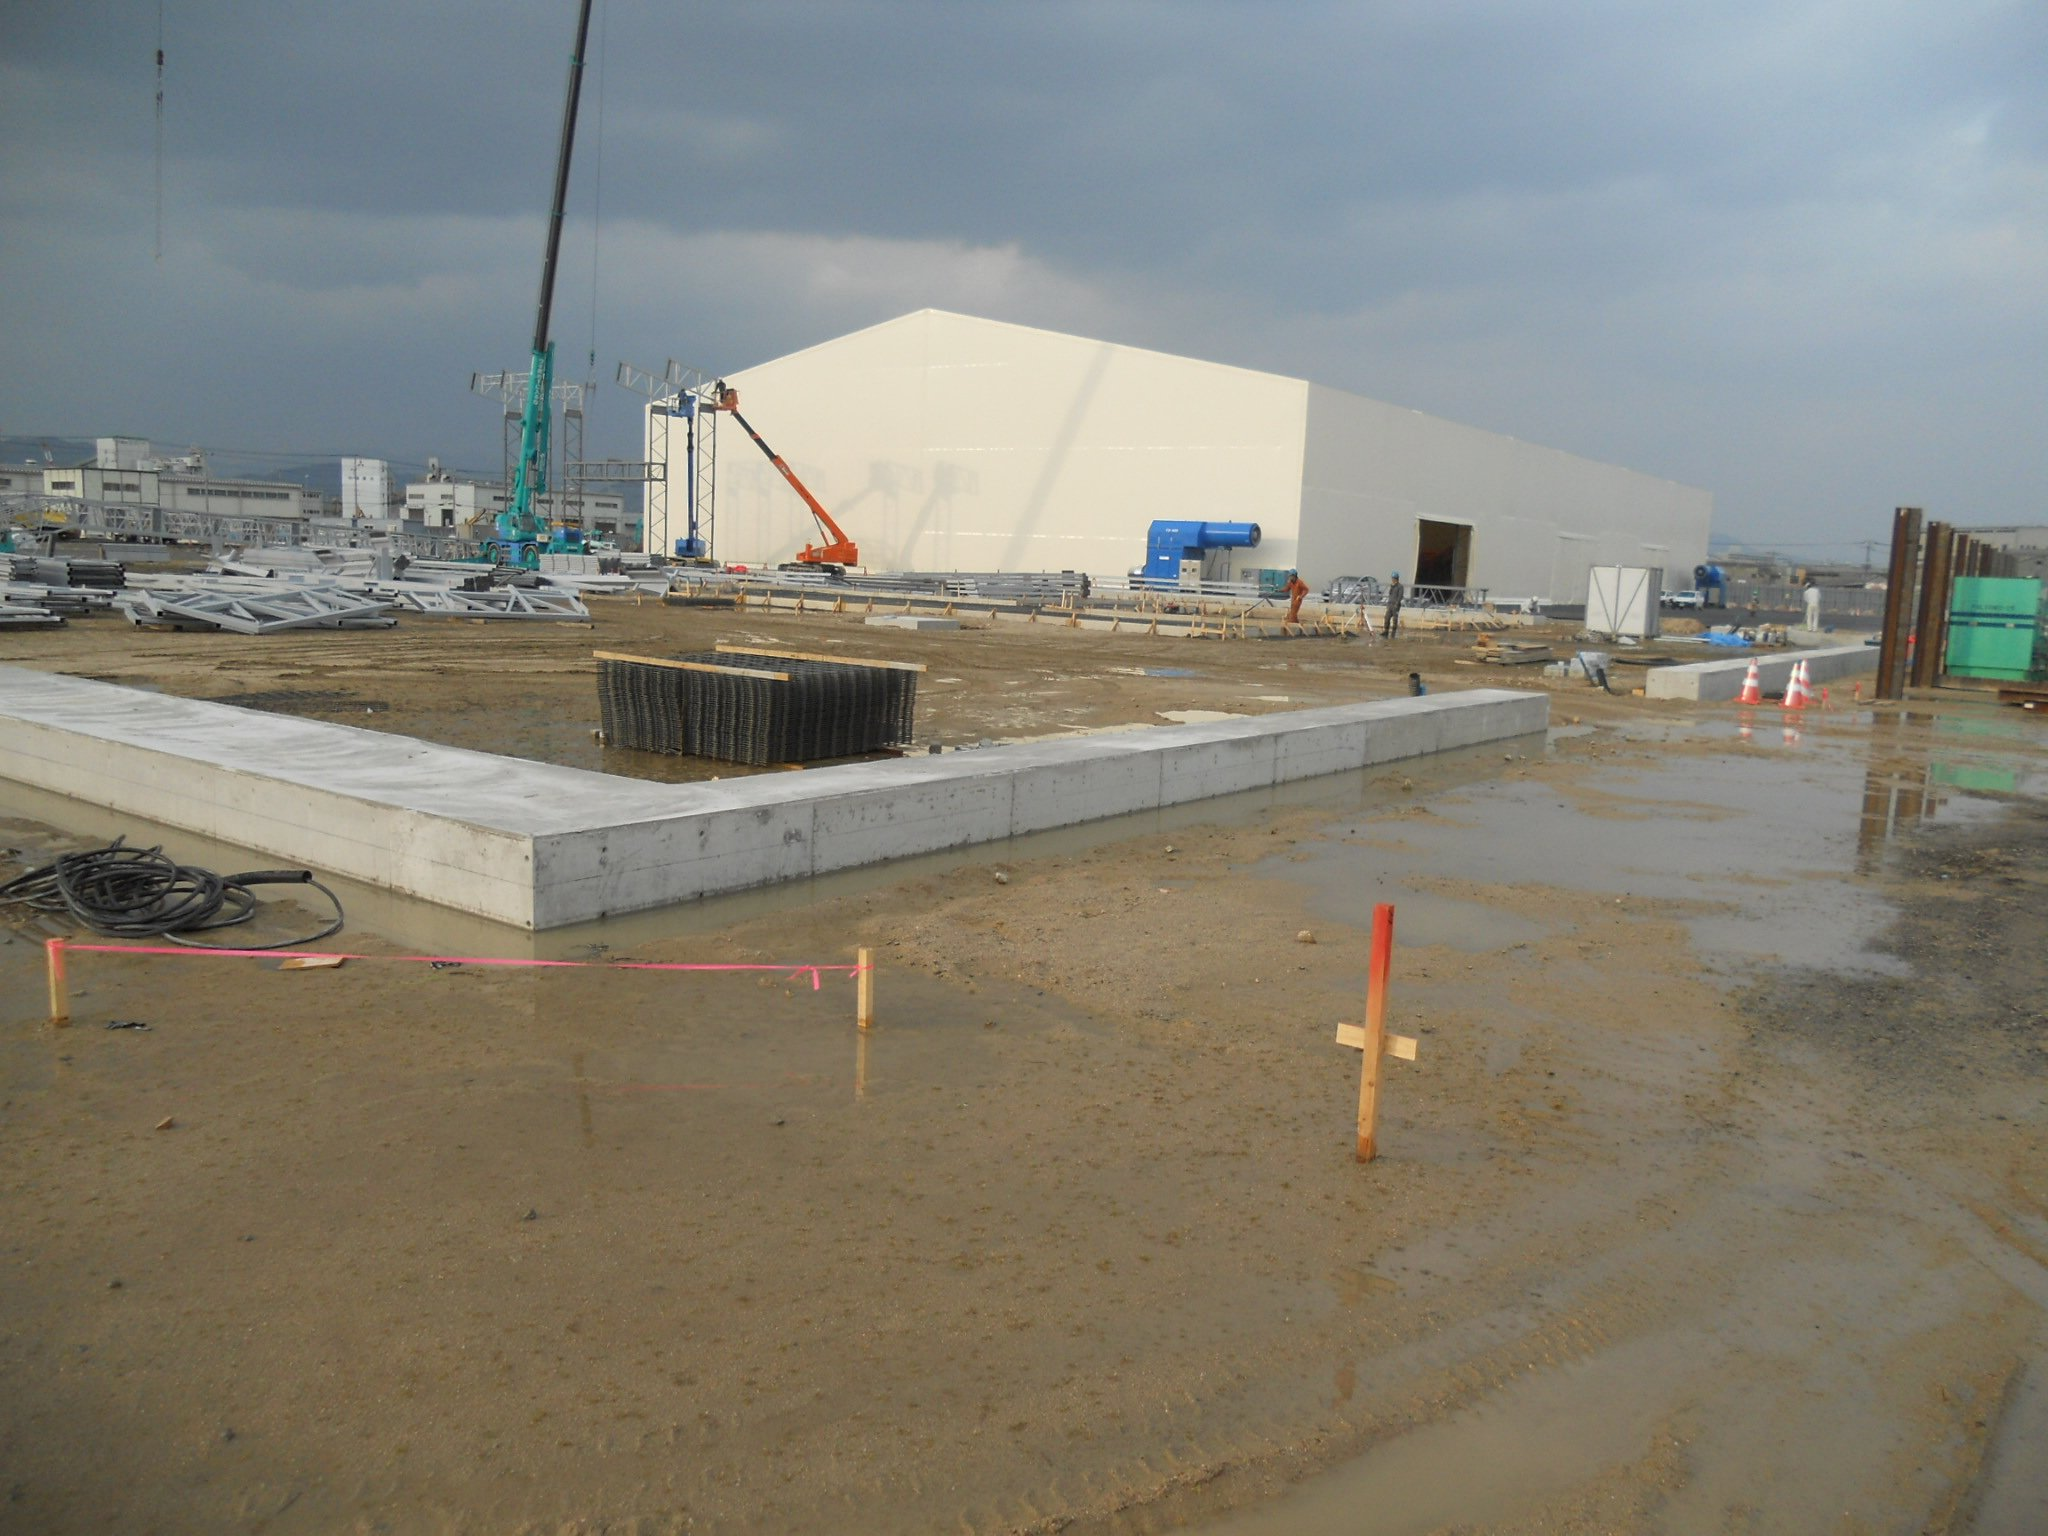 災害復興工事向け、がれき処理プラント用建屋全体換気システム